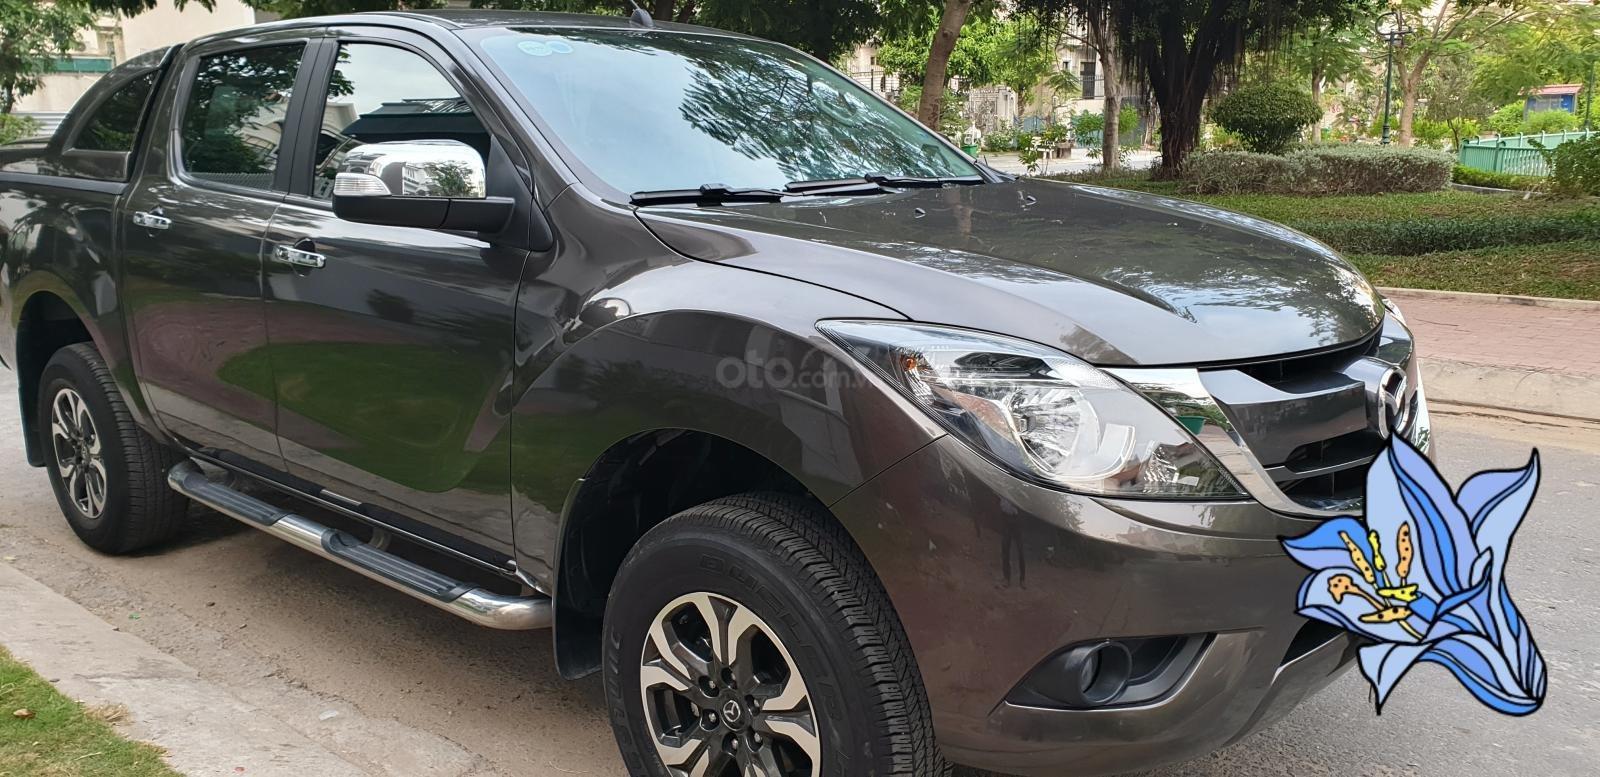 Bán Mazda BT 50 máy dầu, 2.2 số tự động, model 2018 đời T10/2017, màu nâu, nhập khẩu mới 95%-3